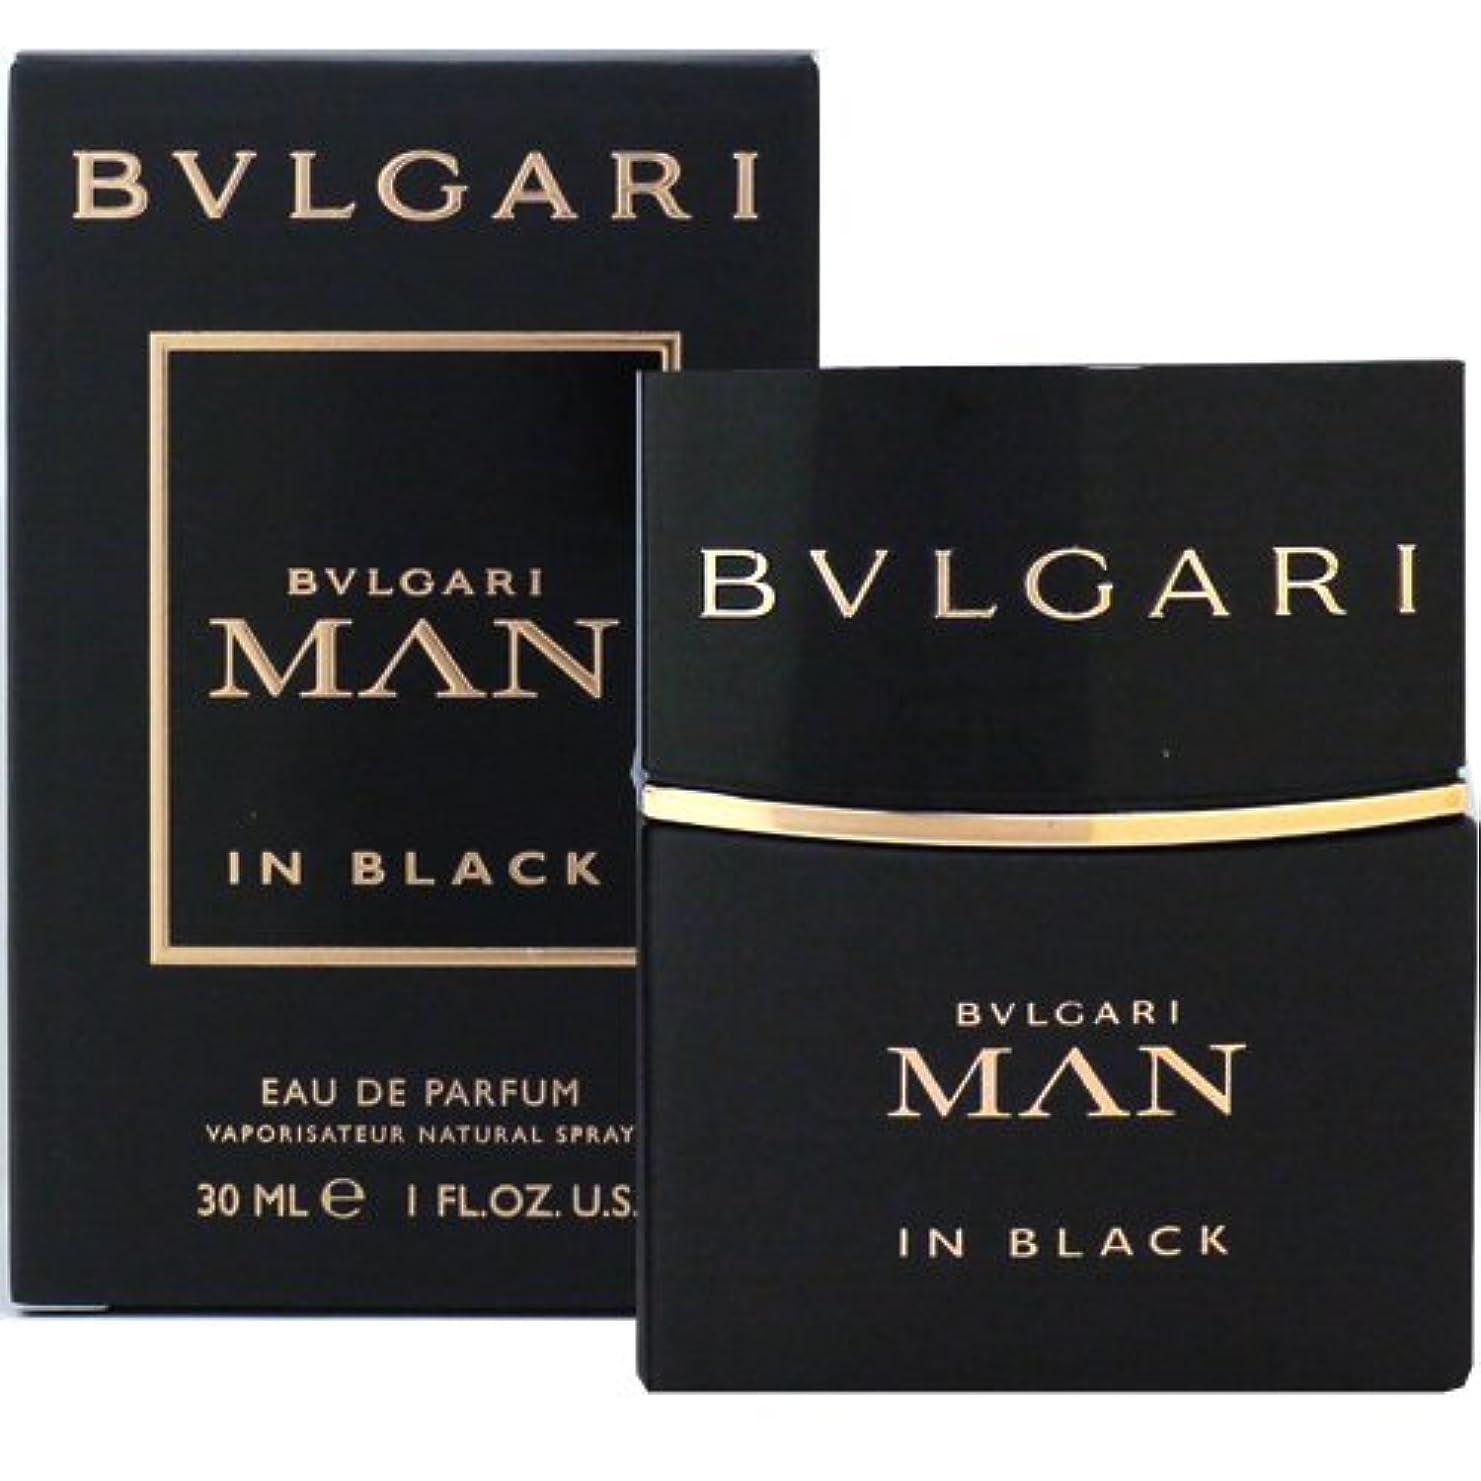 低い眠っている意図的ブルガリ BVLGARI ブルガリ マン イン ブラック 30ml EDP SP fs